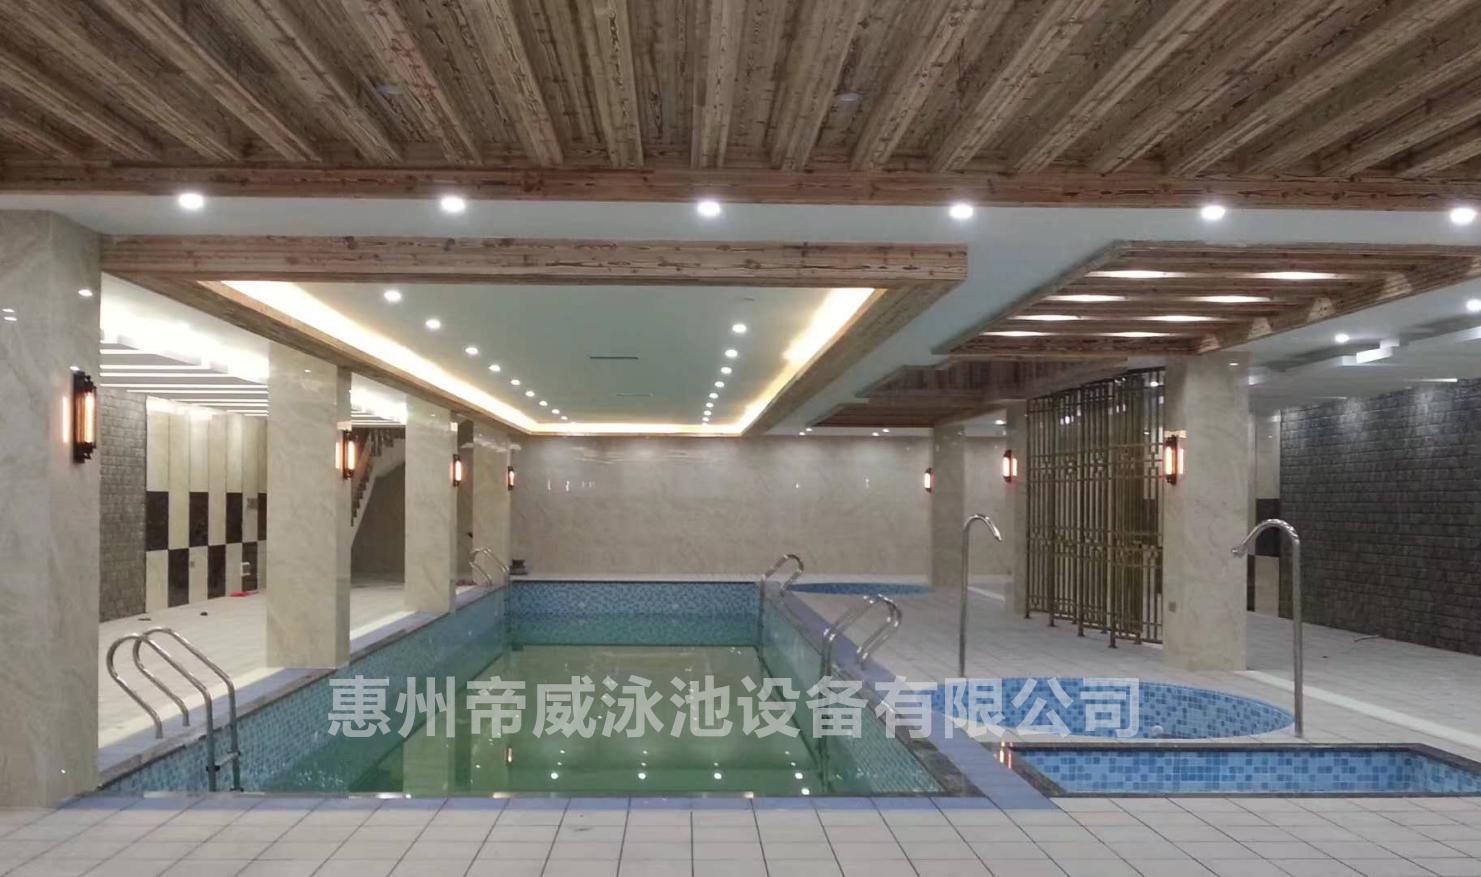 別墅游泳池設備